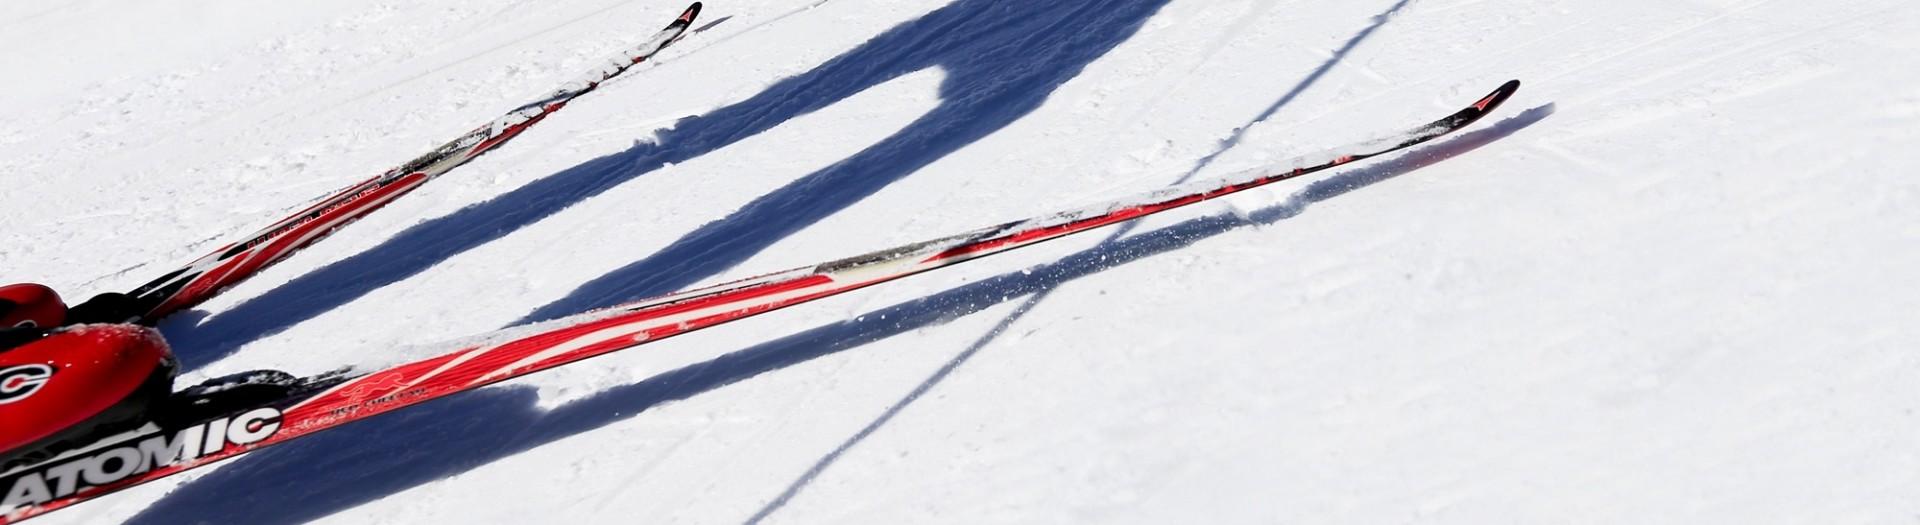 ski-nordique-haut-jura